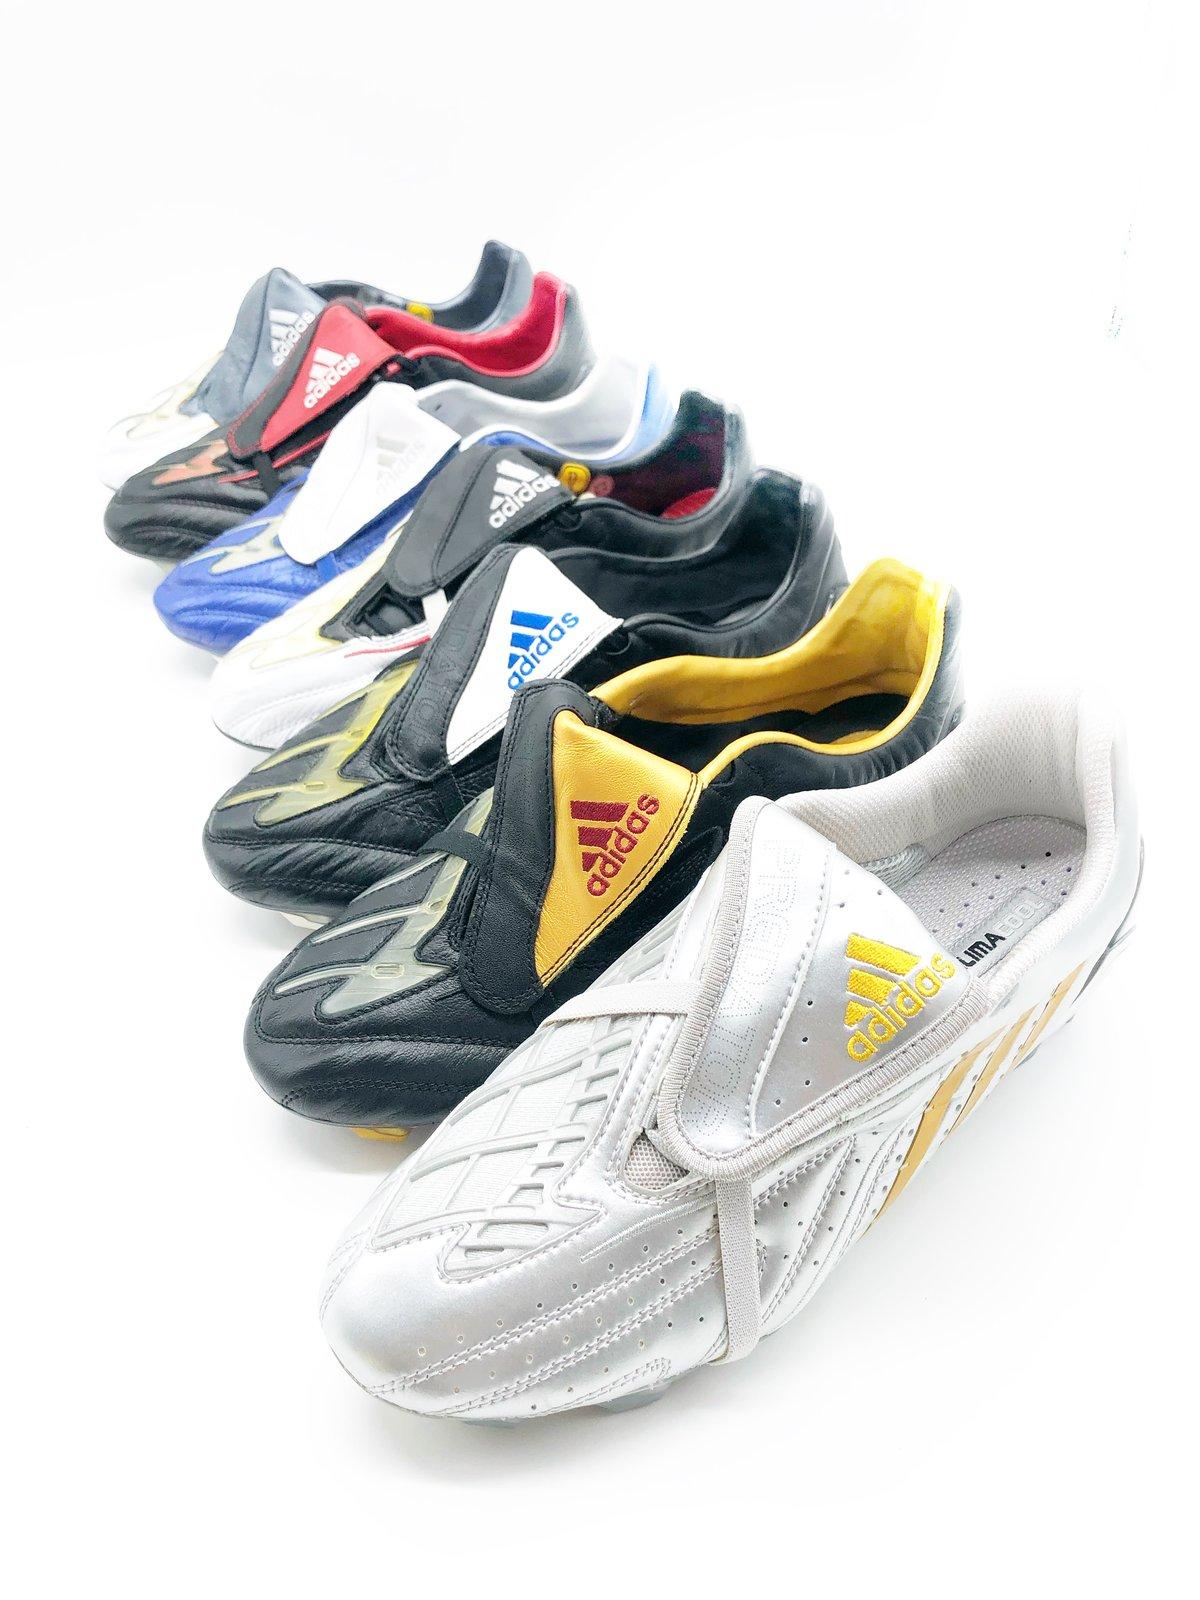 old school adidas football boots